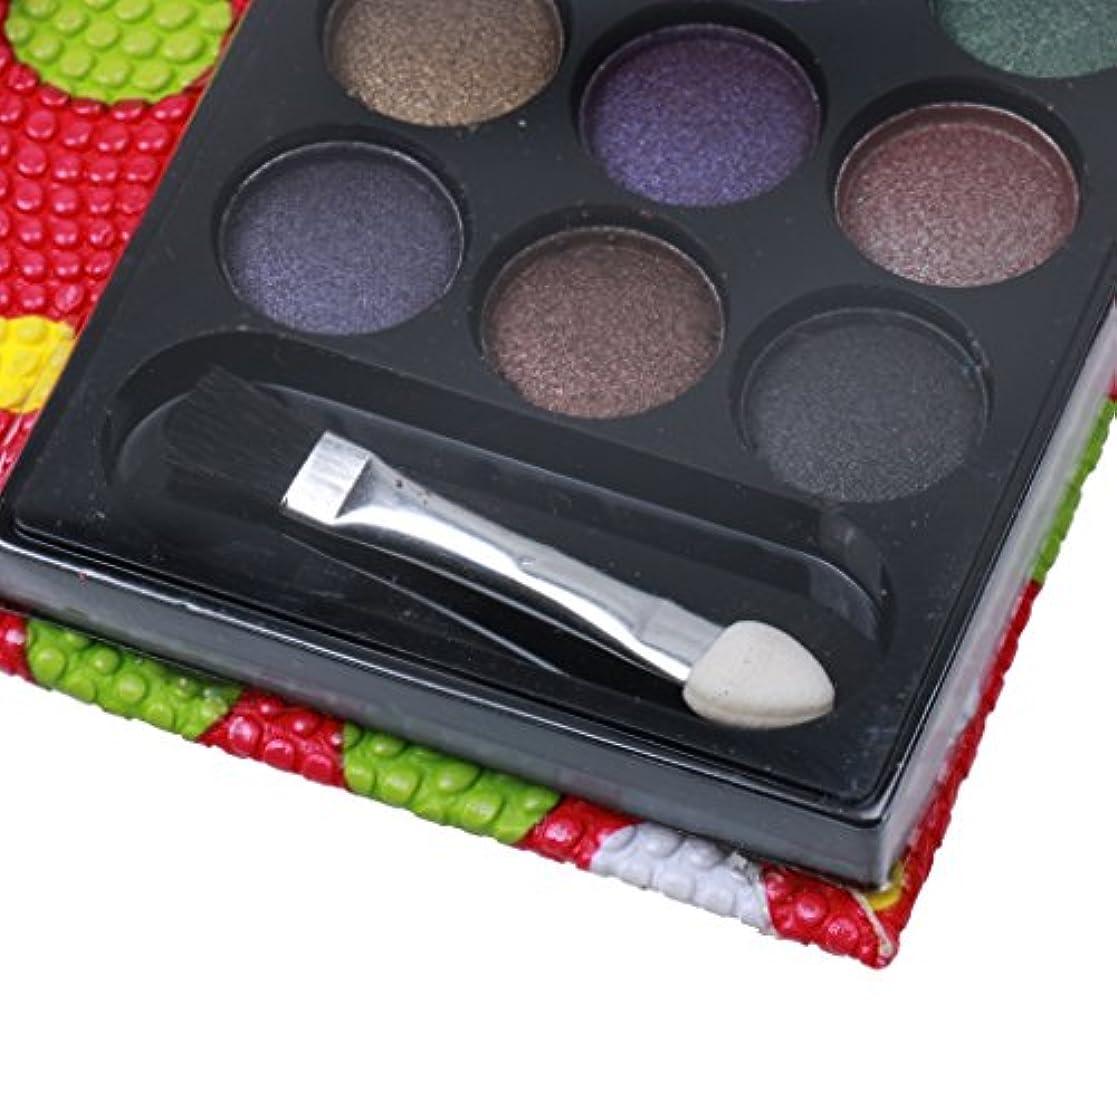 中間財布電気陽性18colorsアイシャドウメイクのきらめきマットアイシャドウパレットセットは、赤いバラ